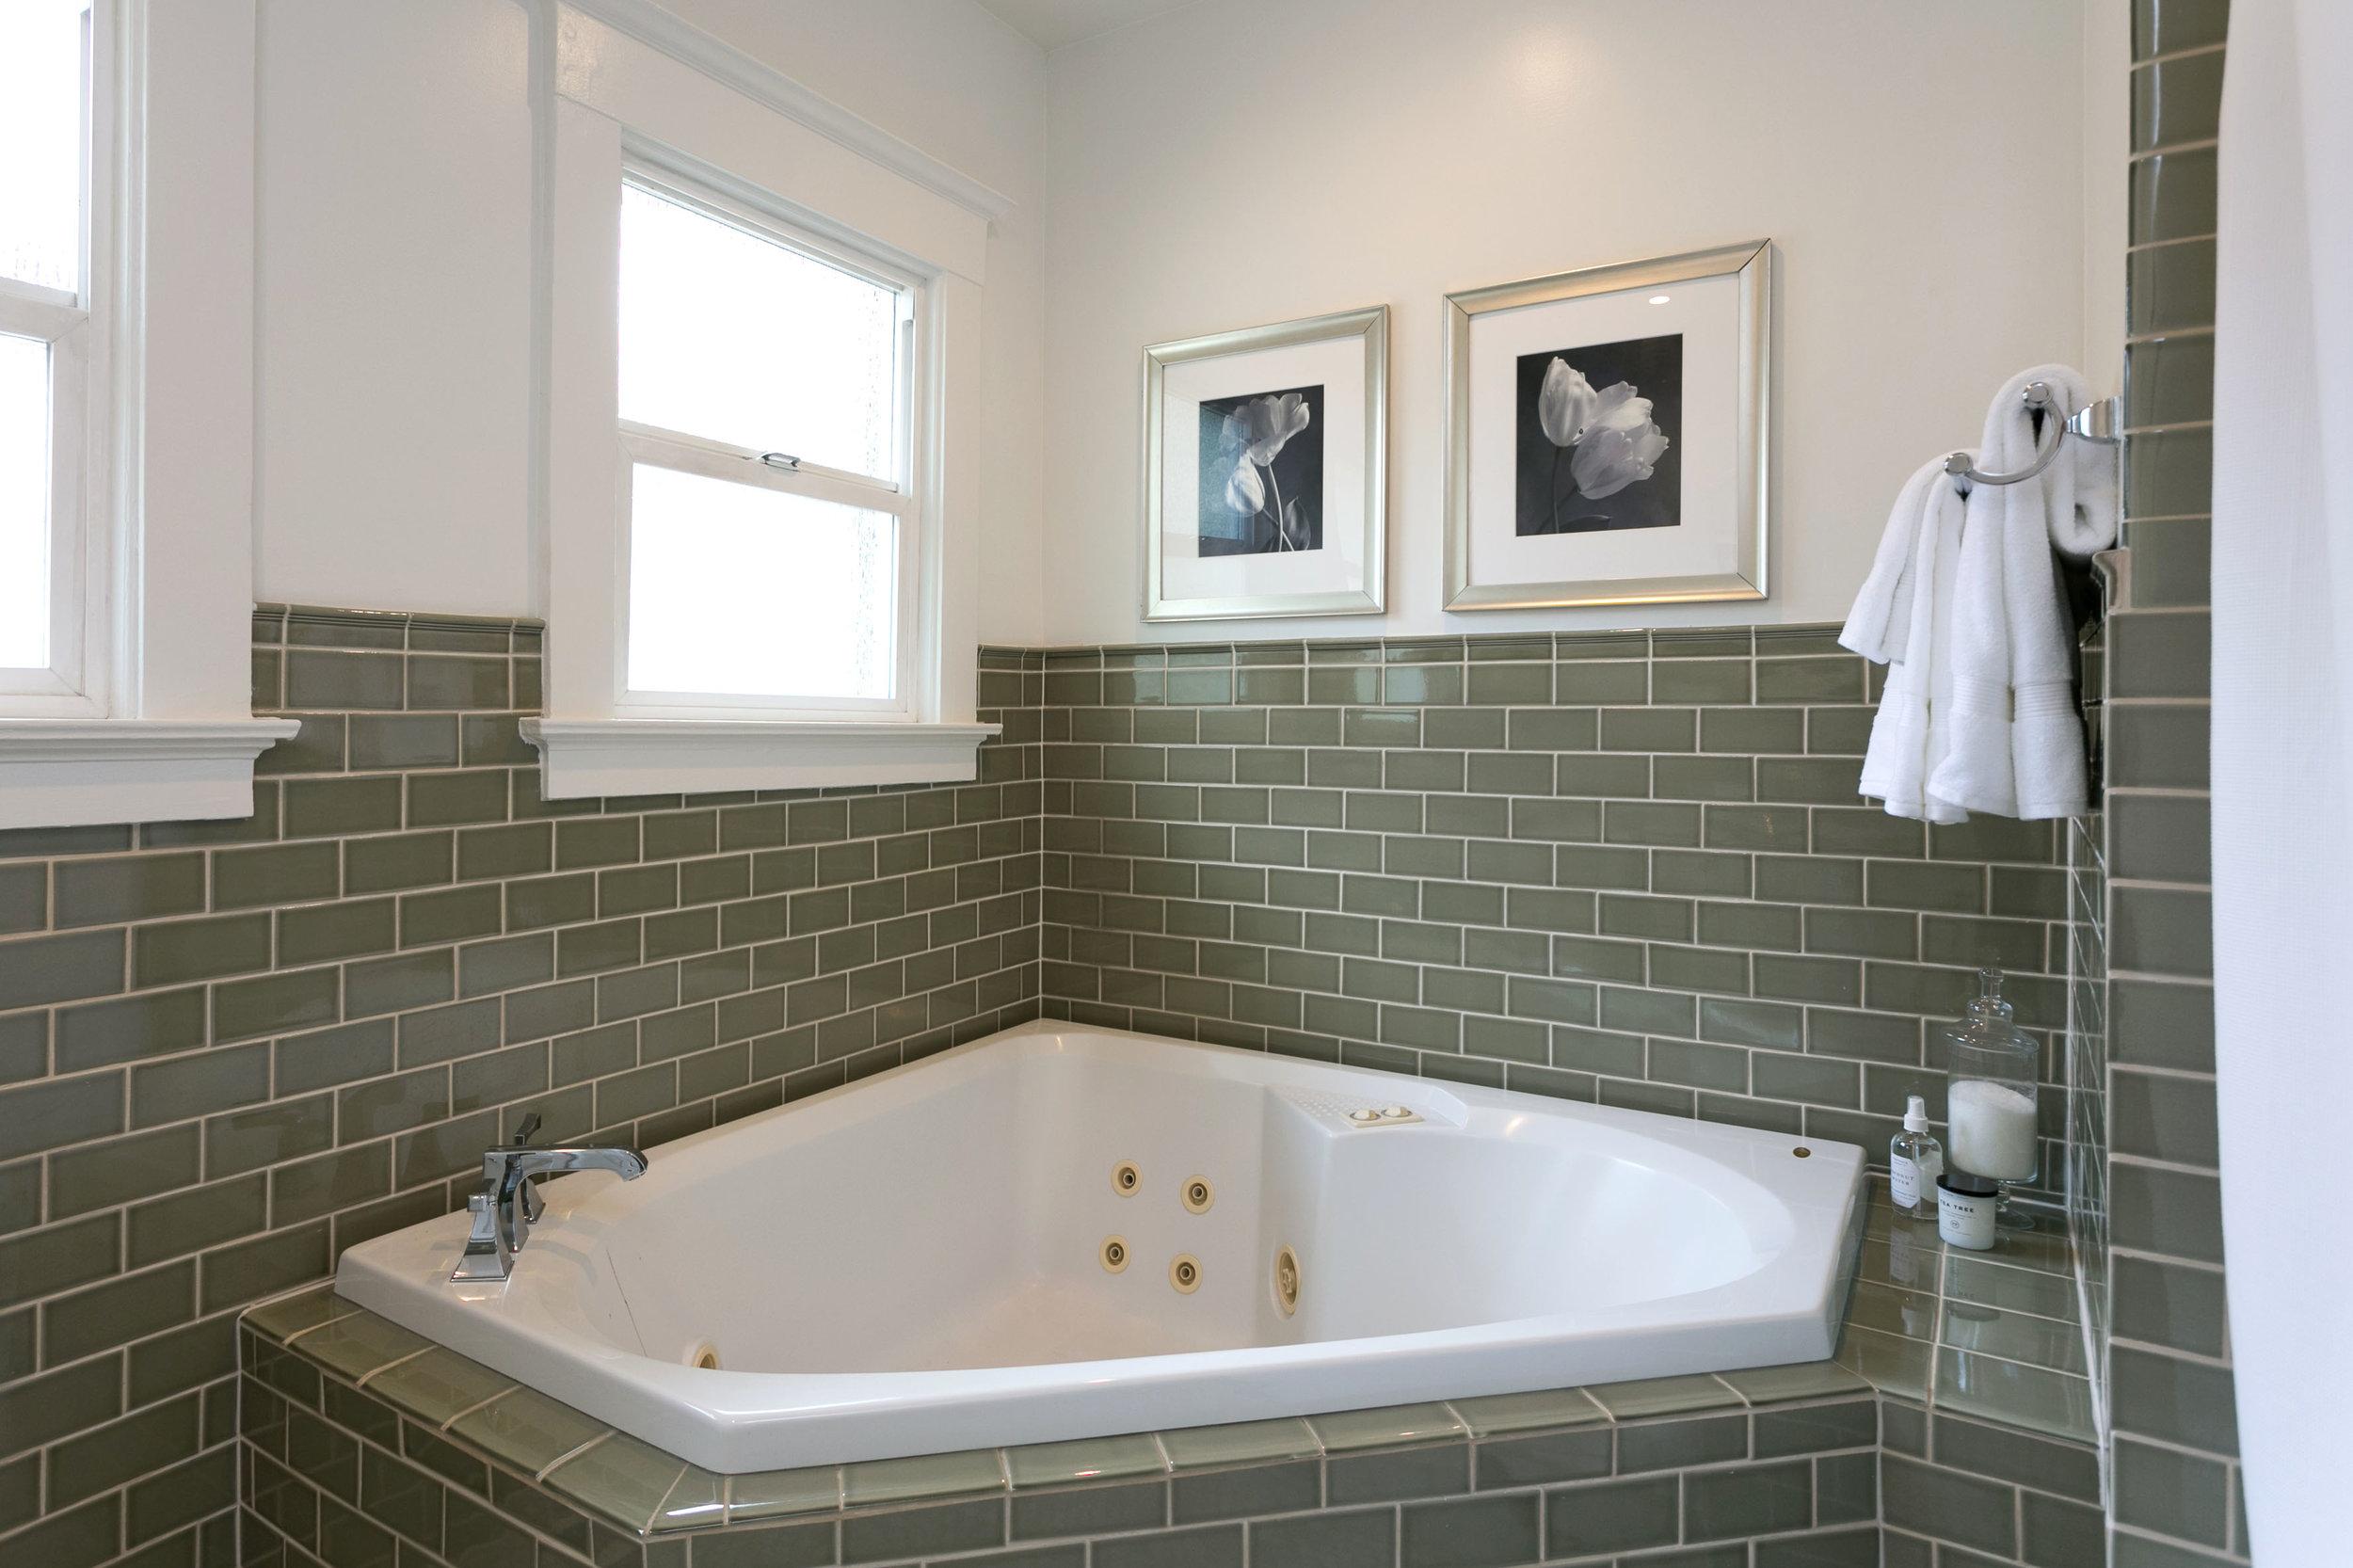 23 bath tub.jpg